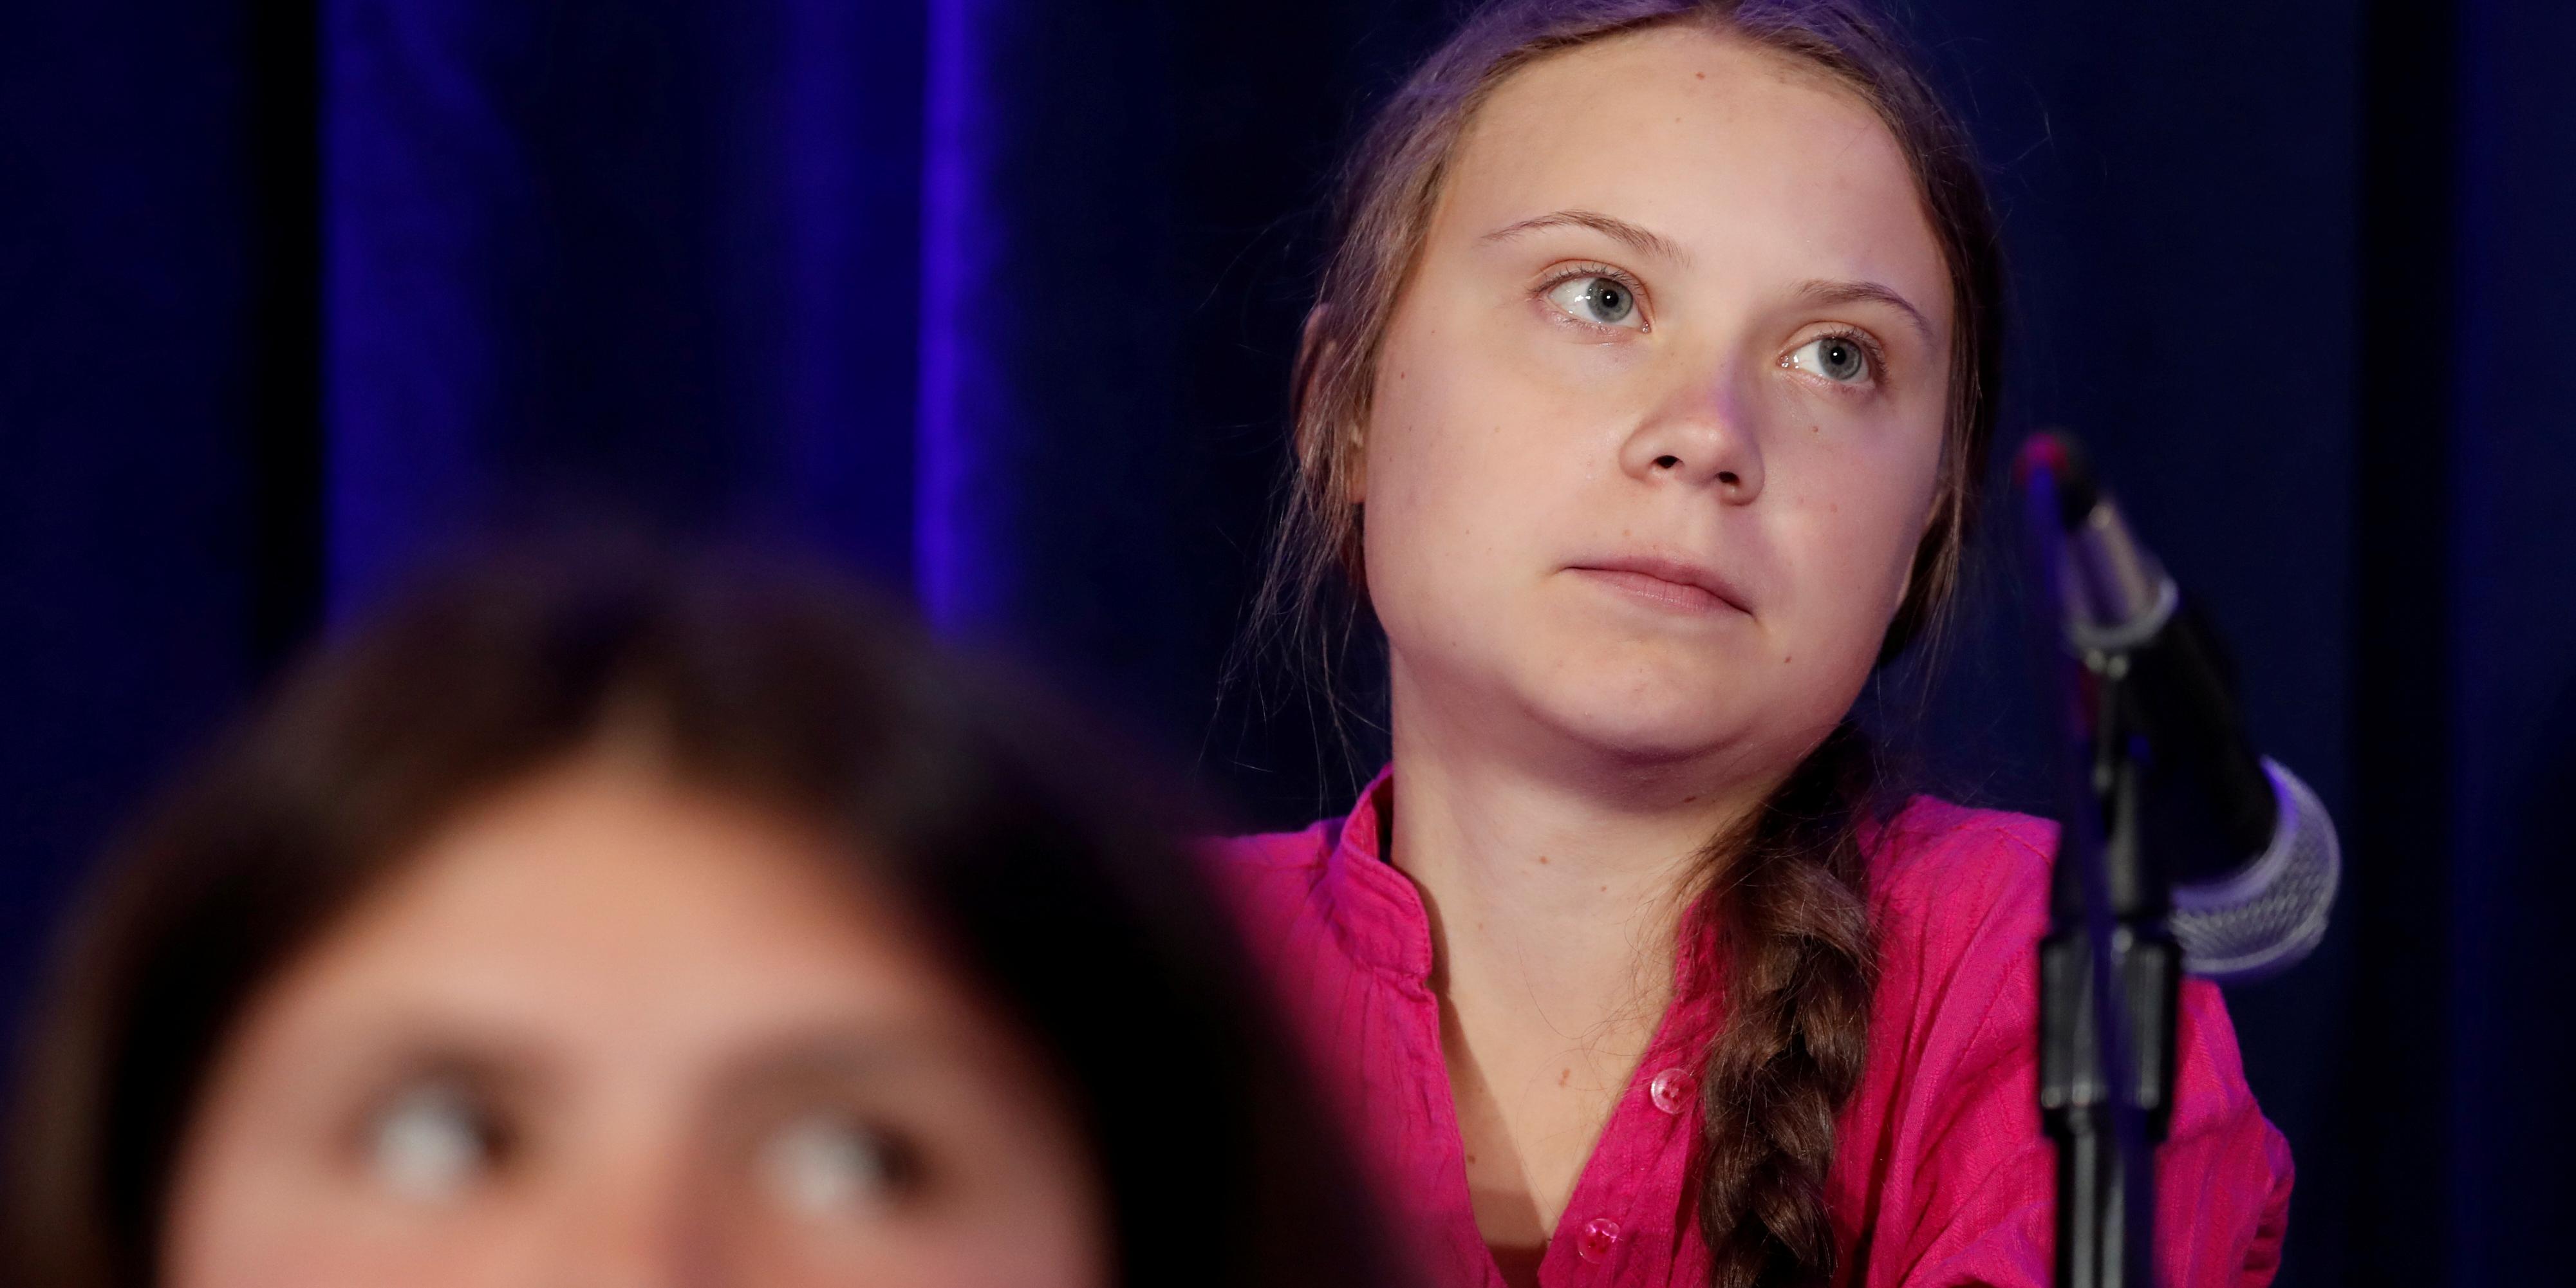 """Cri du coeur de Greta Thunberg: OUI, les """"adultes"""" doivent en faire plus, dit une éthicienne"""